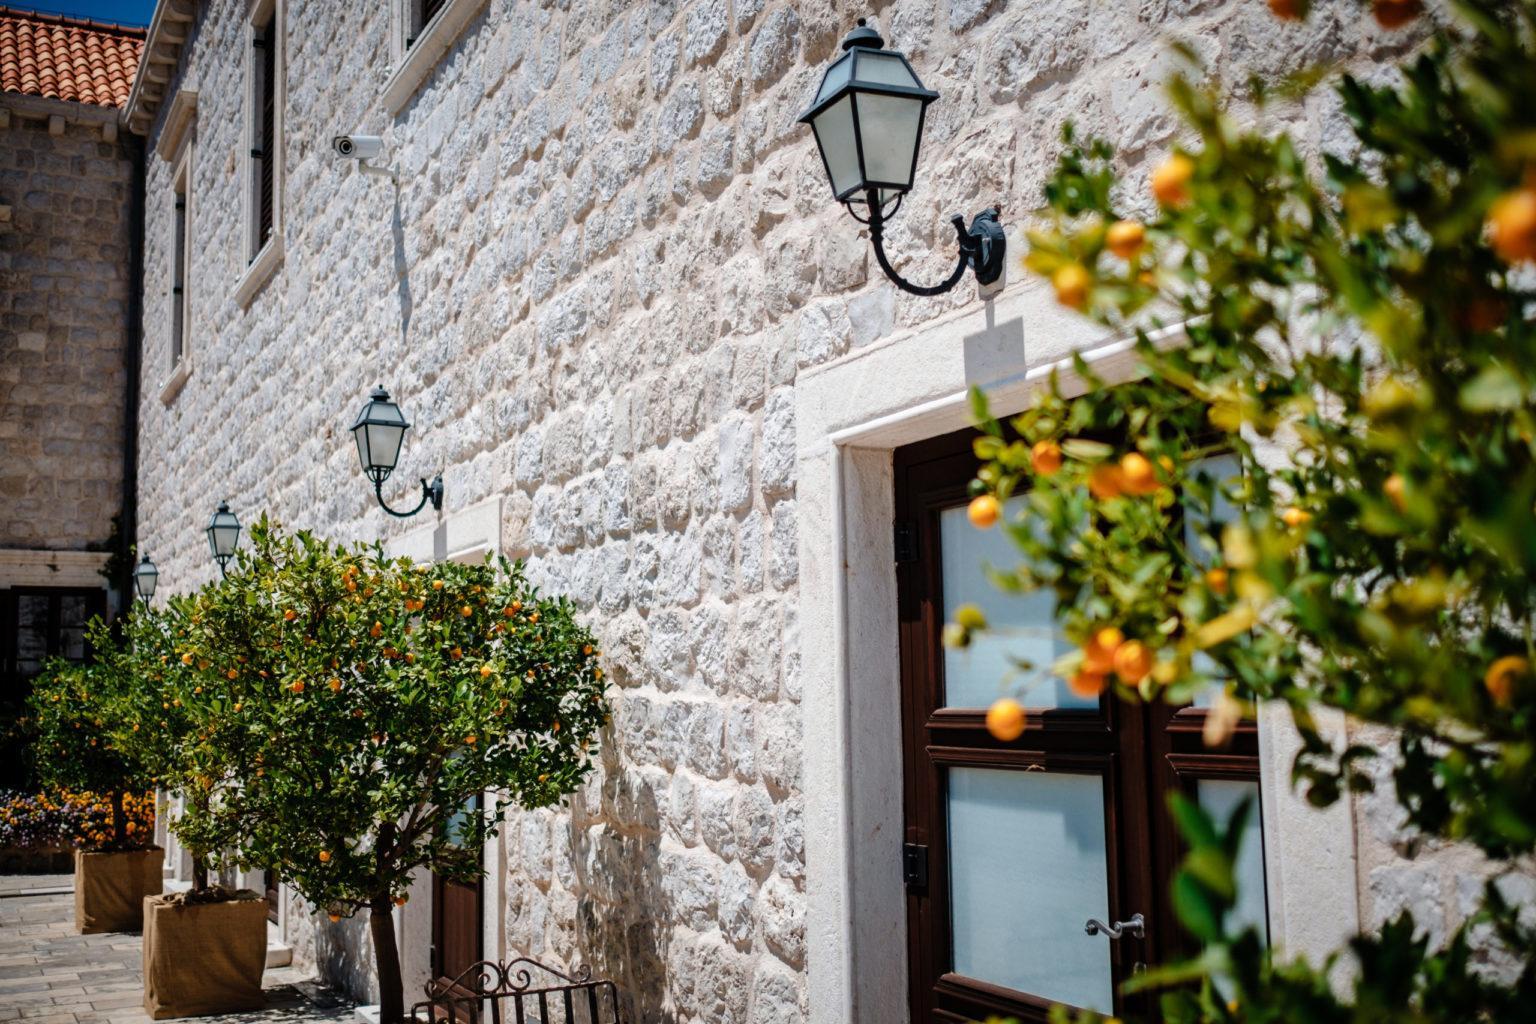 hochzeitslocation Kroatien location hochzeit heiraten 15 1 scaled - Verträumtes Hotel